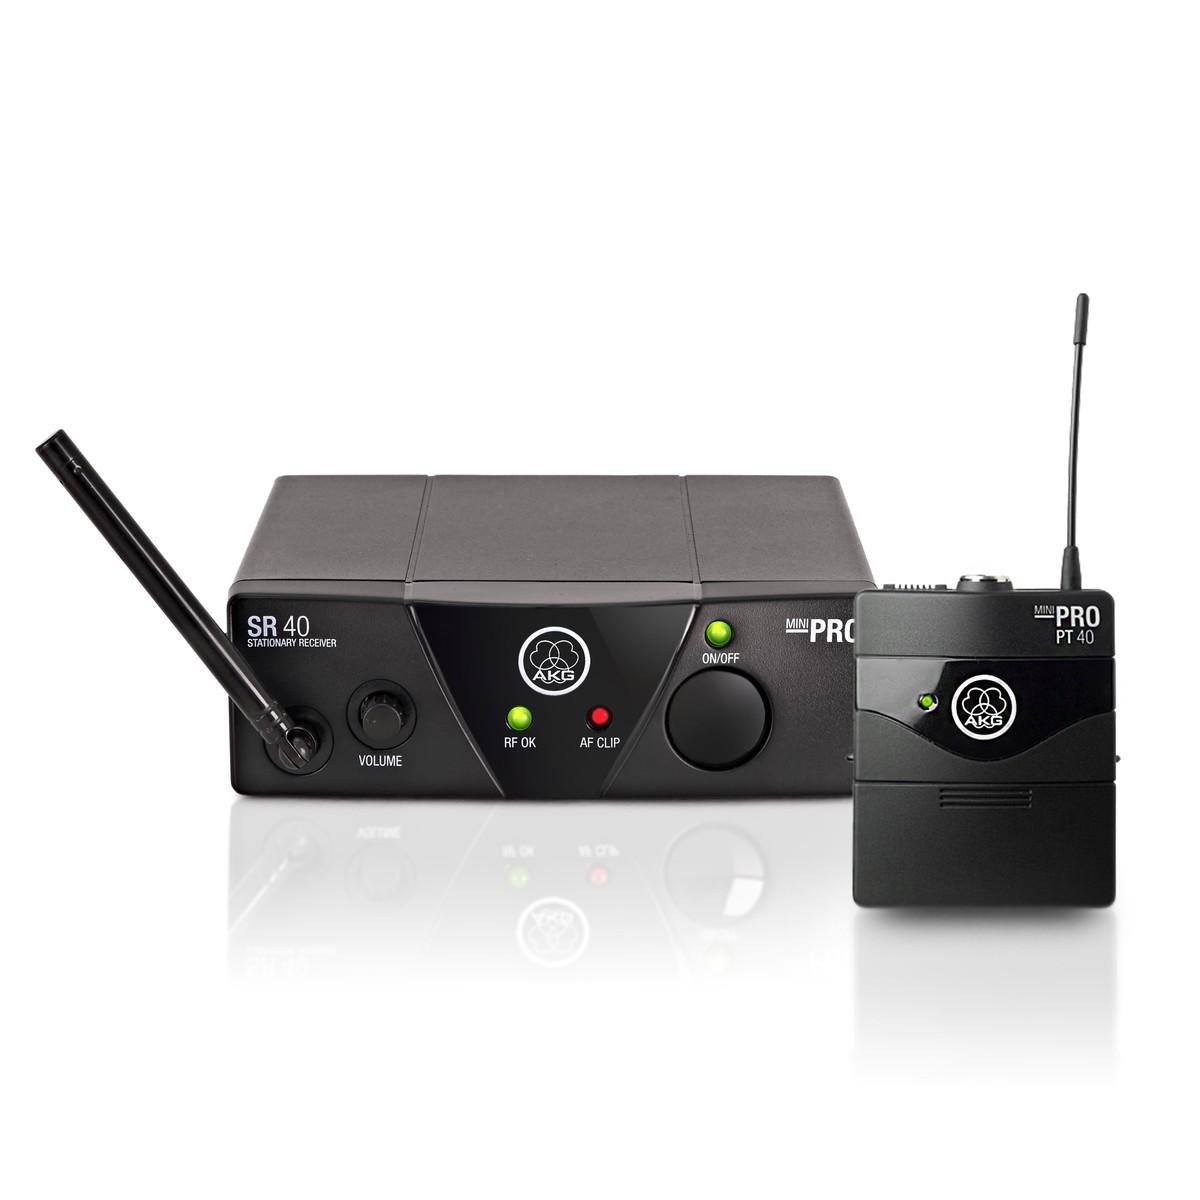 Akg Wms40 Mini Wireless Instrument Set Ism 1 At Gear4music Miniature Fm Transmitter